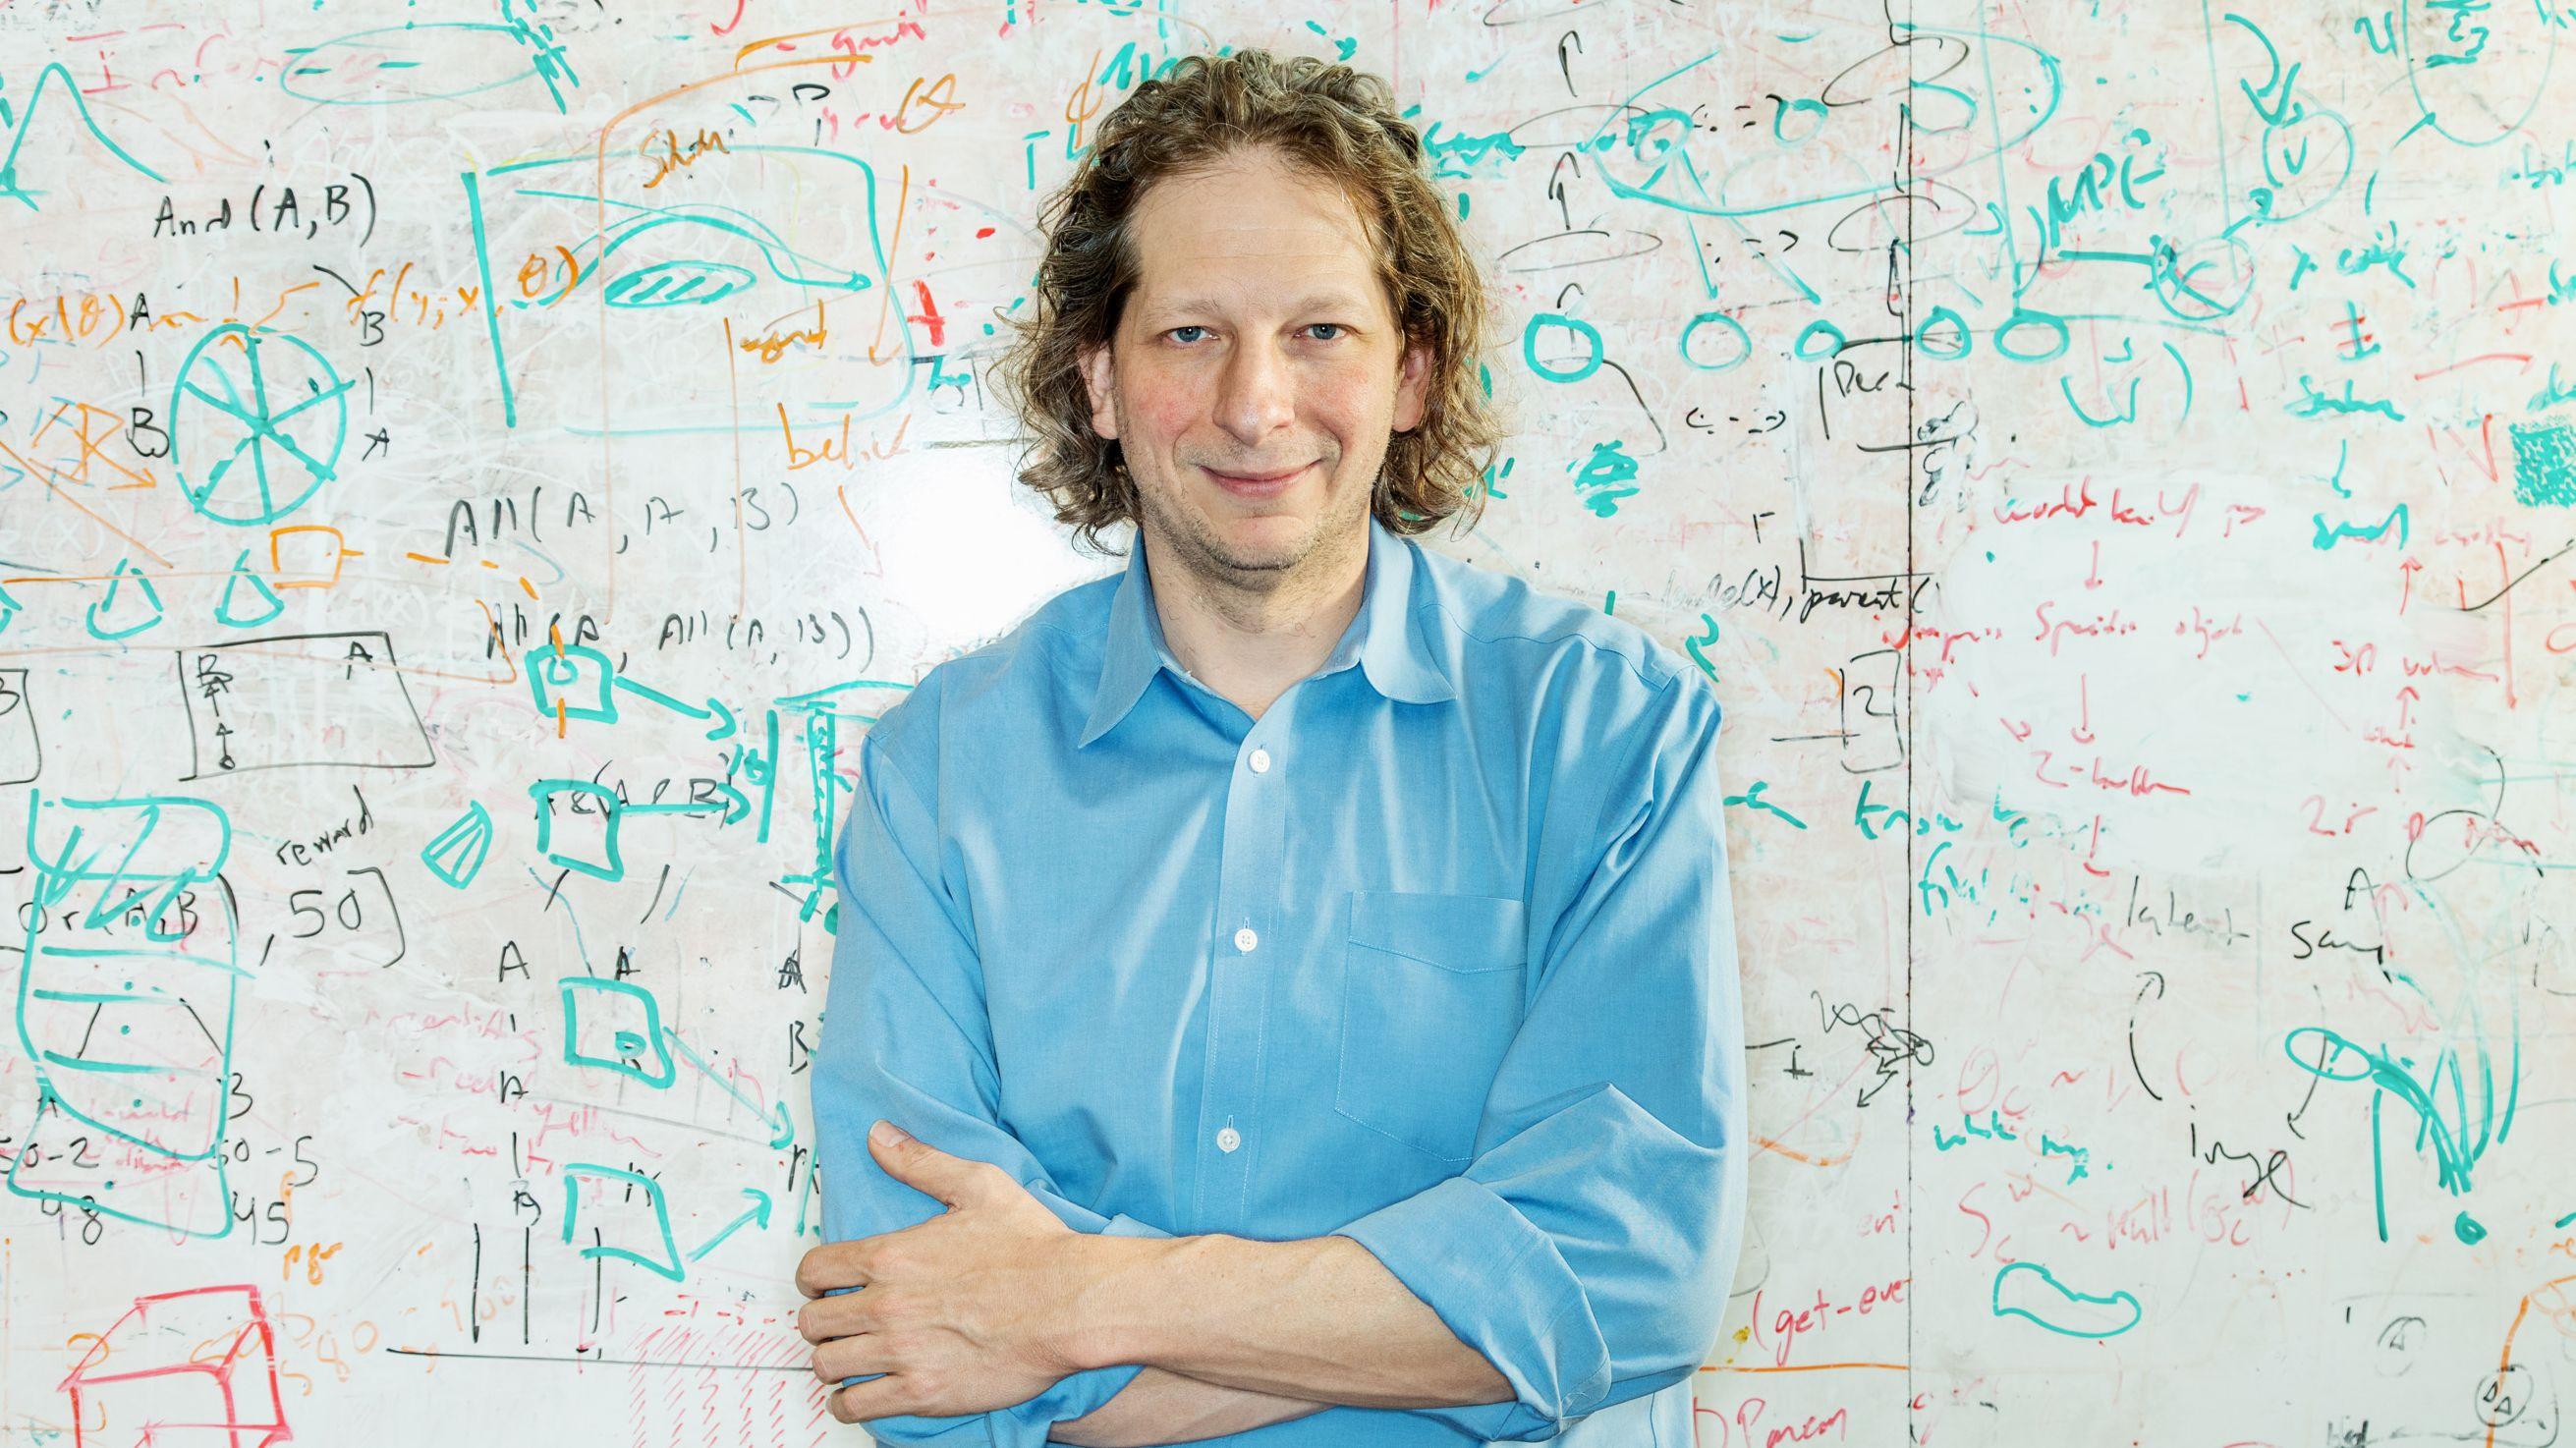 深層学習の「次」を研究する MITのAIプロジェクトは 何を目指すのか?